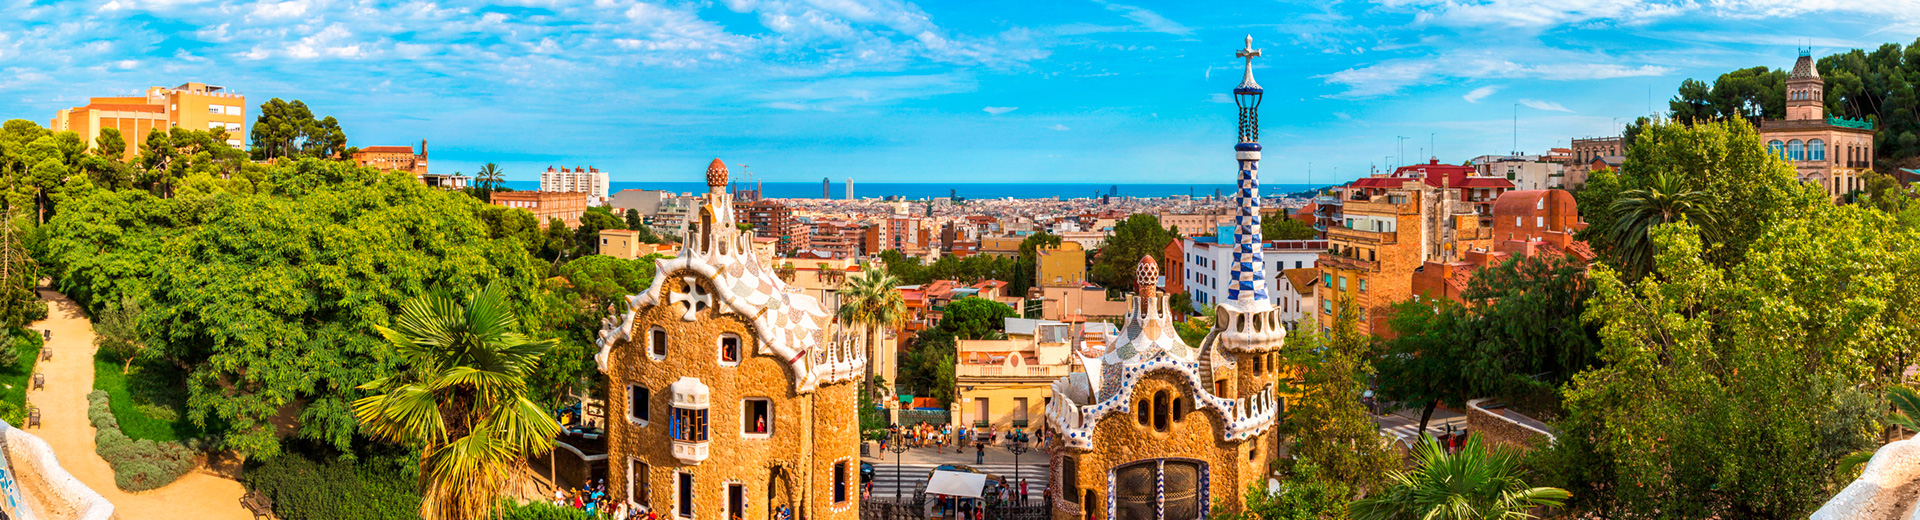 Städtereise Barcelona – Flug und Hotel